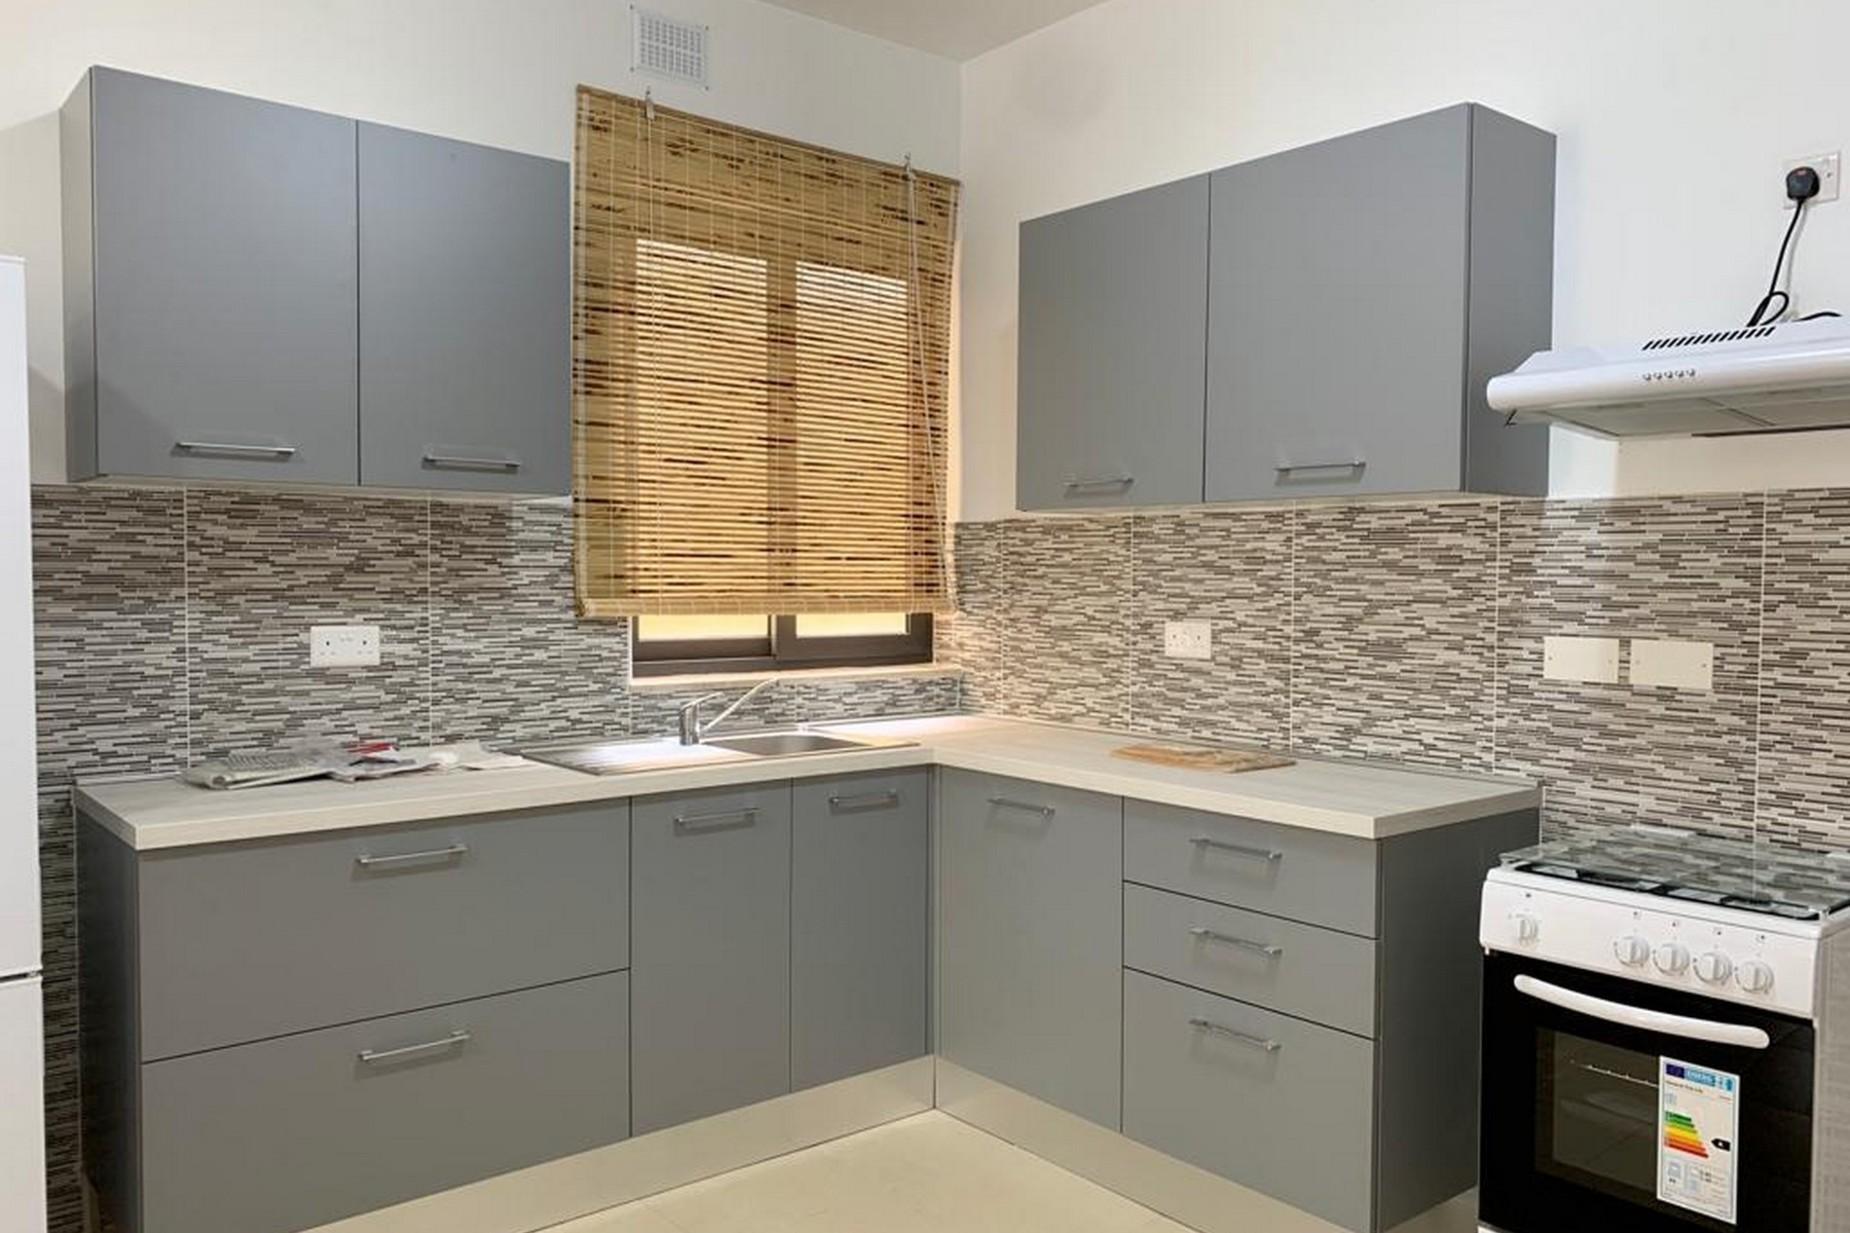 3 bed Apartment For Rent in Qormi, Qormi - thumb 3